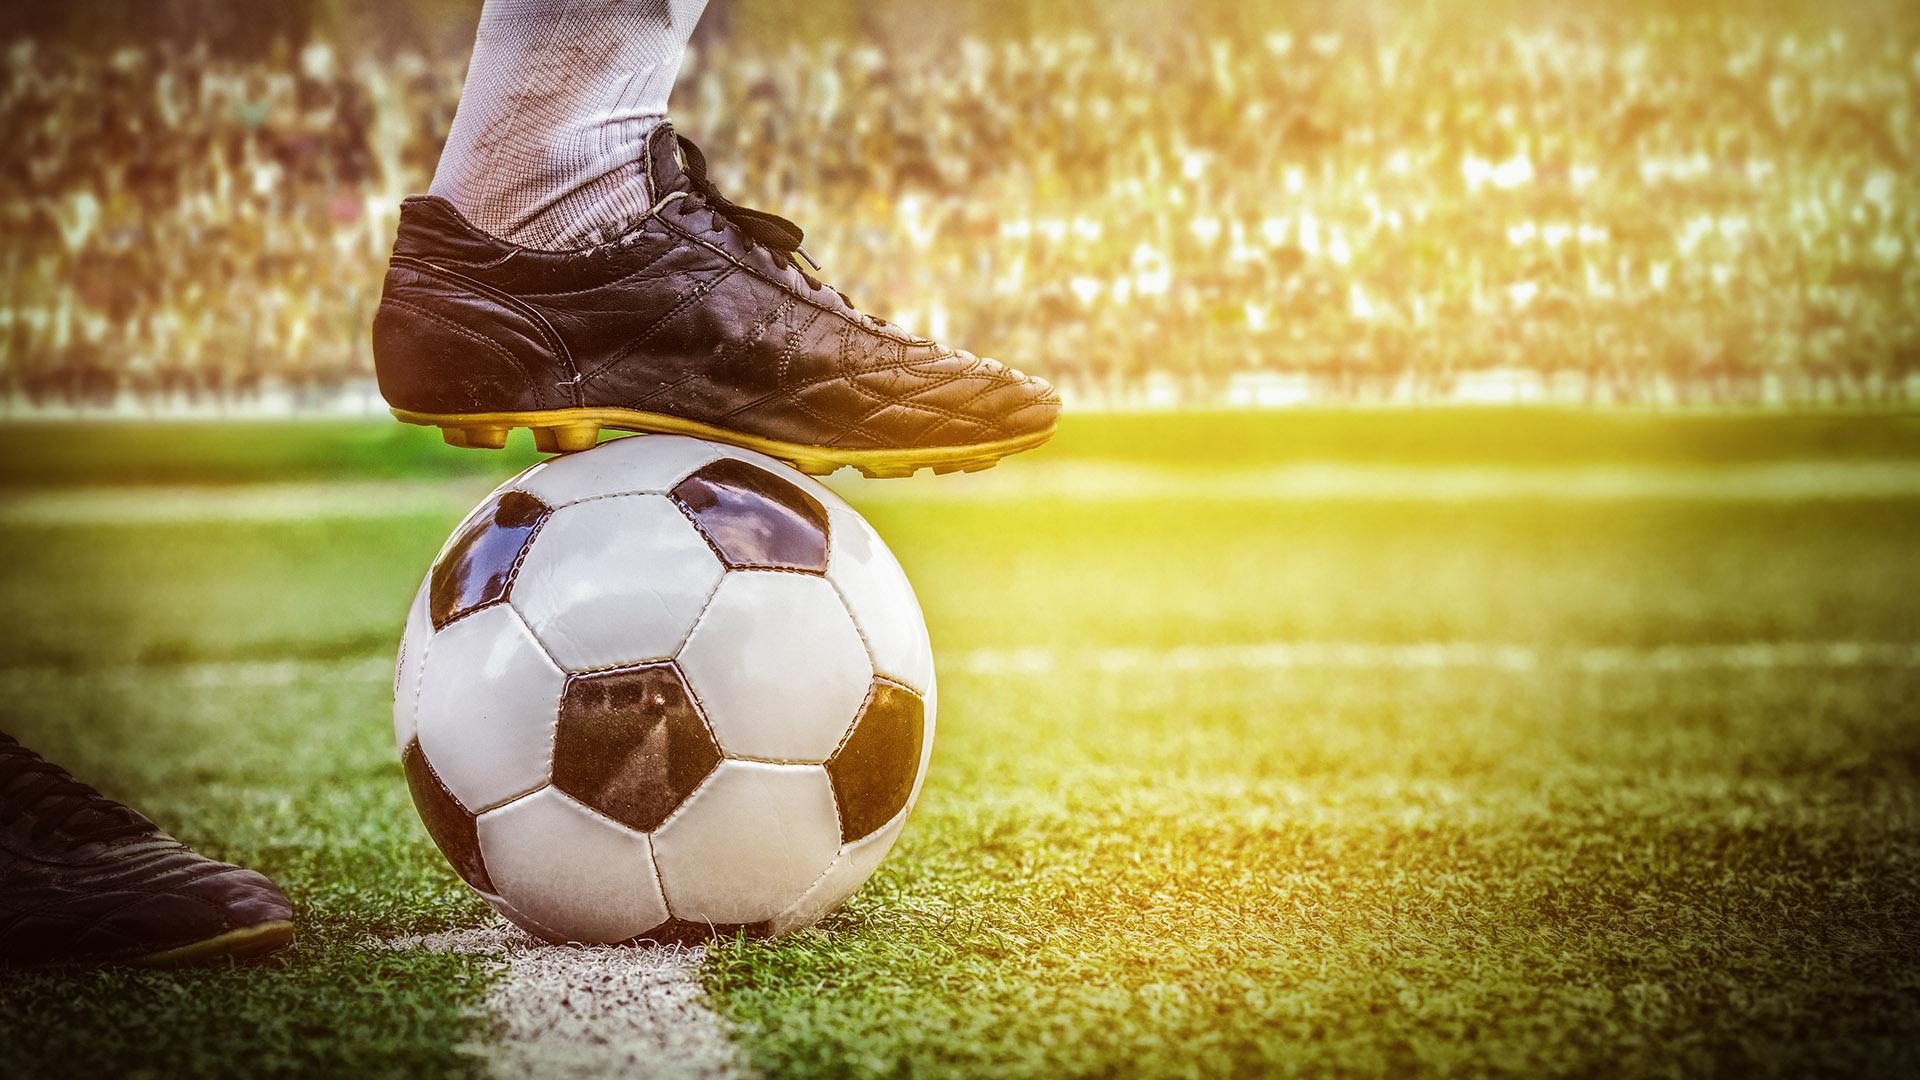 Si hay un deporte de masas que necesita del respeto de sus aficionados, ese es el fútbol